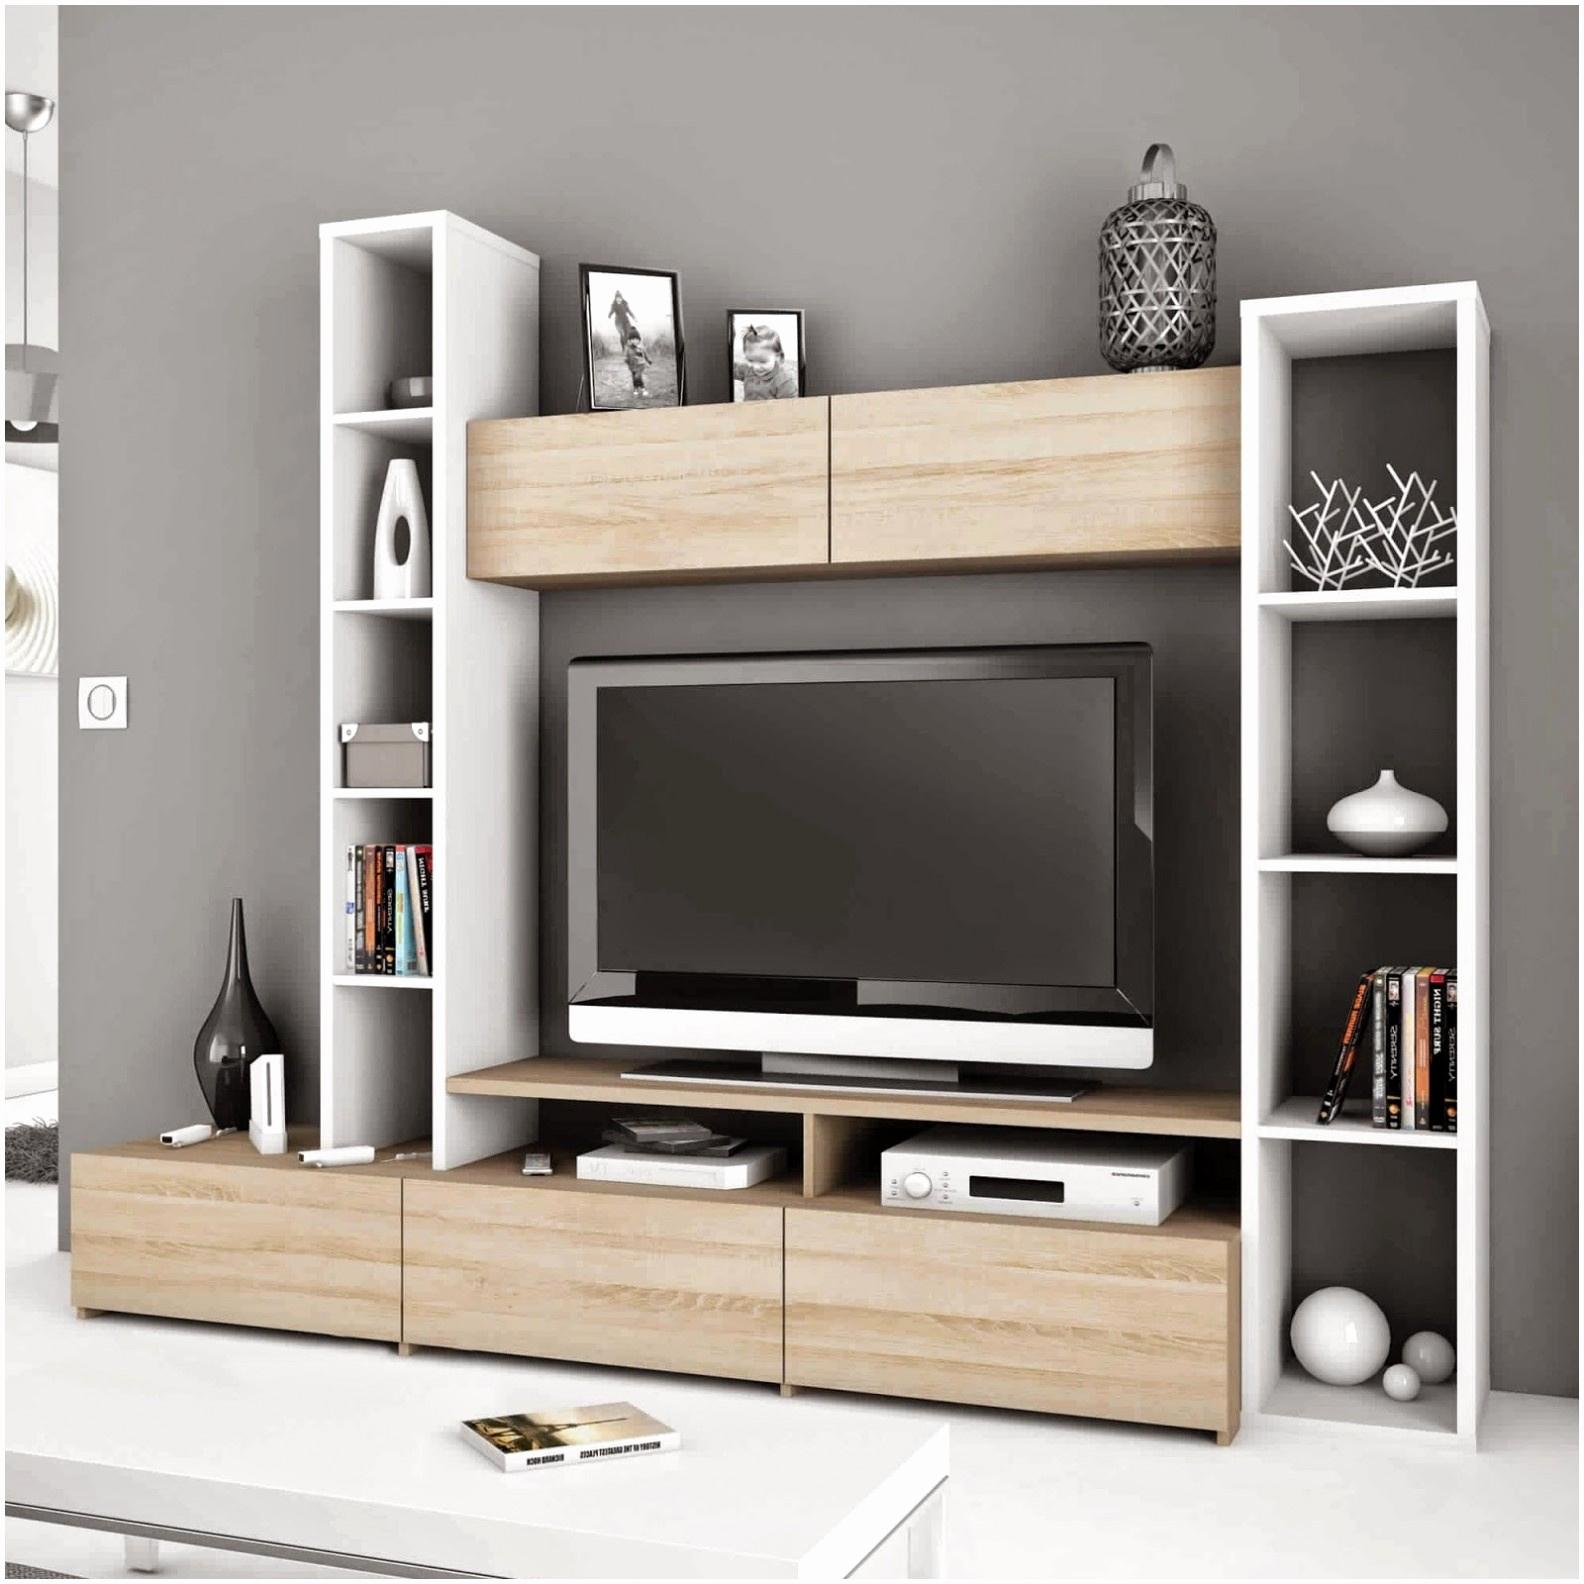 Meuble d 39 angle tv redoute boutique gain de - Meuble tv gain de place ...